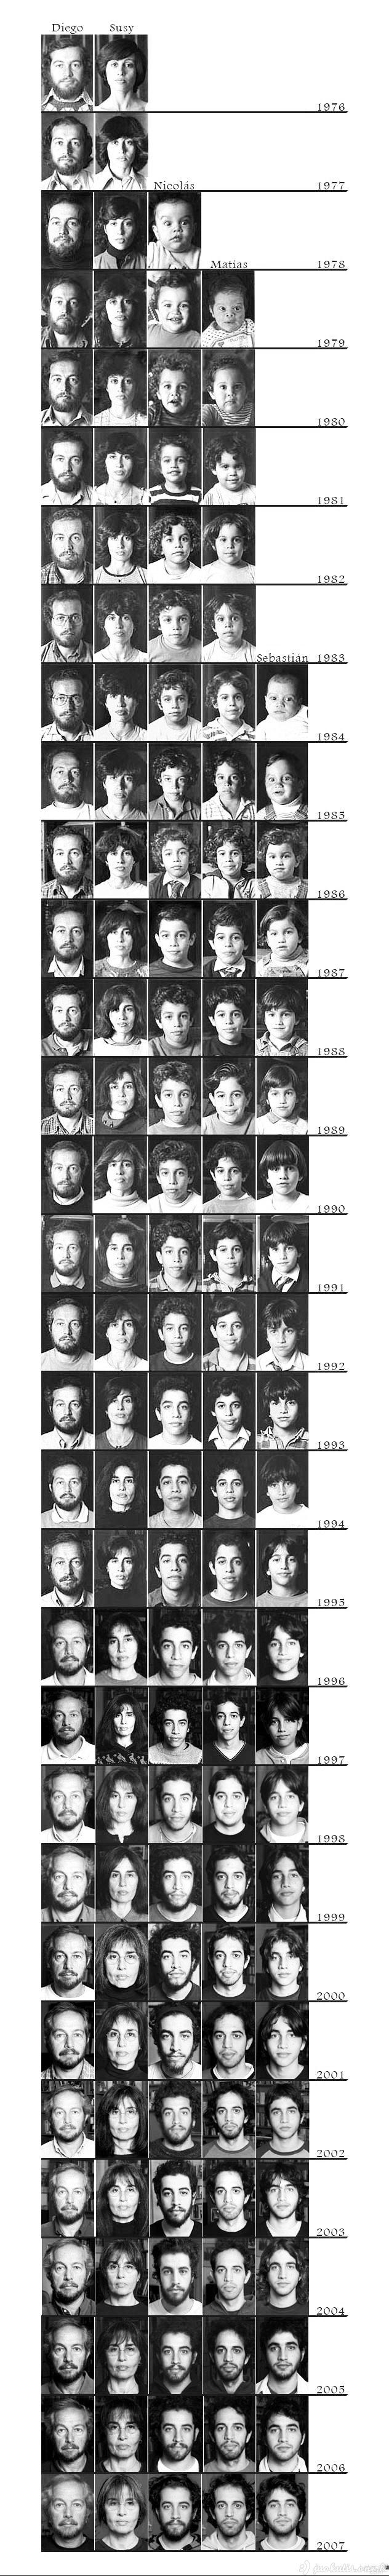 Vienos šeimos istorija nuotraukose